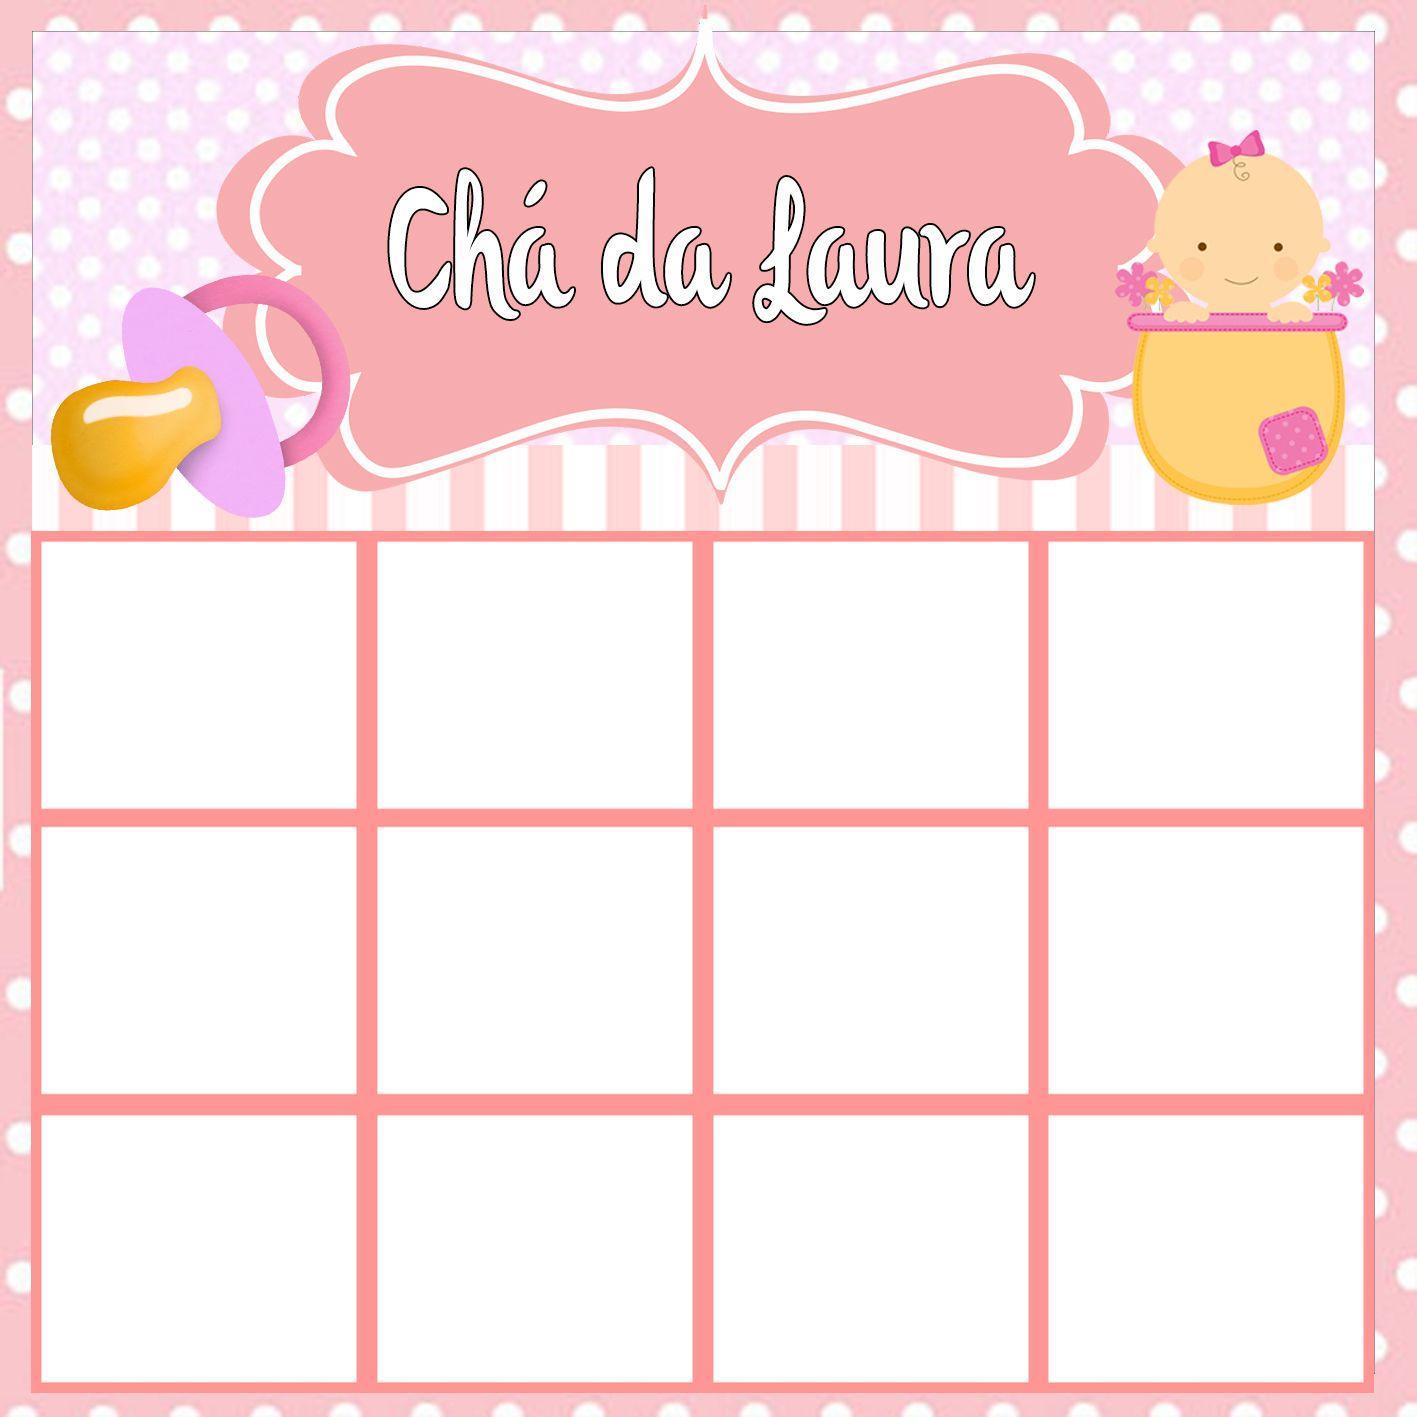 70 Cartelas Baby Bingo Chá De Bebê - Digital no Elo7 | Natália Convites !  (4EA675) | Bingo cha de bebe, Bingo, Cartelas de bingo